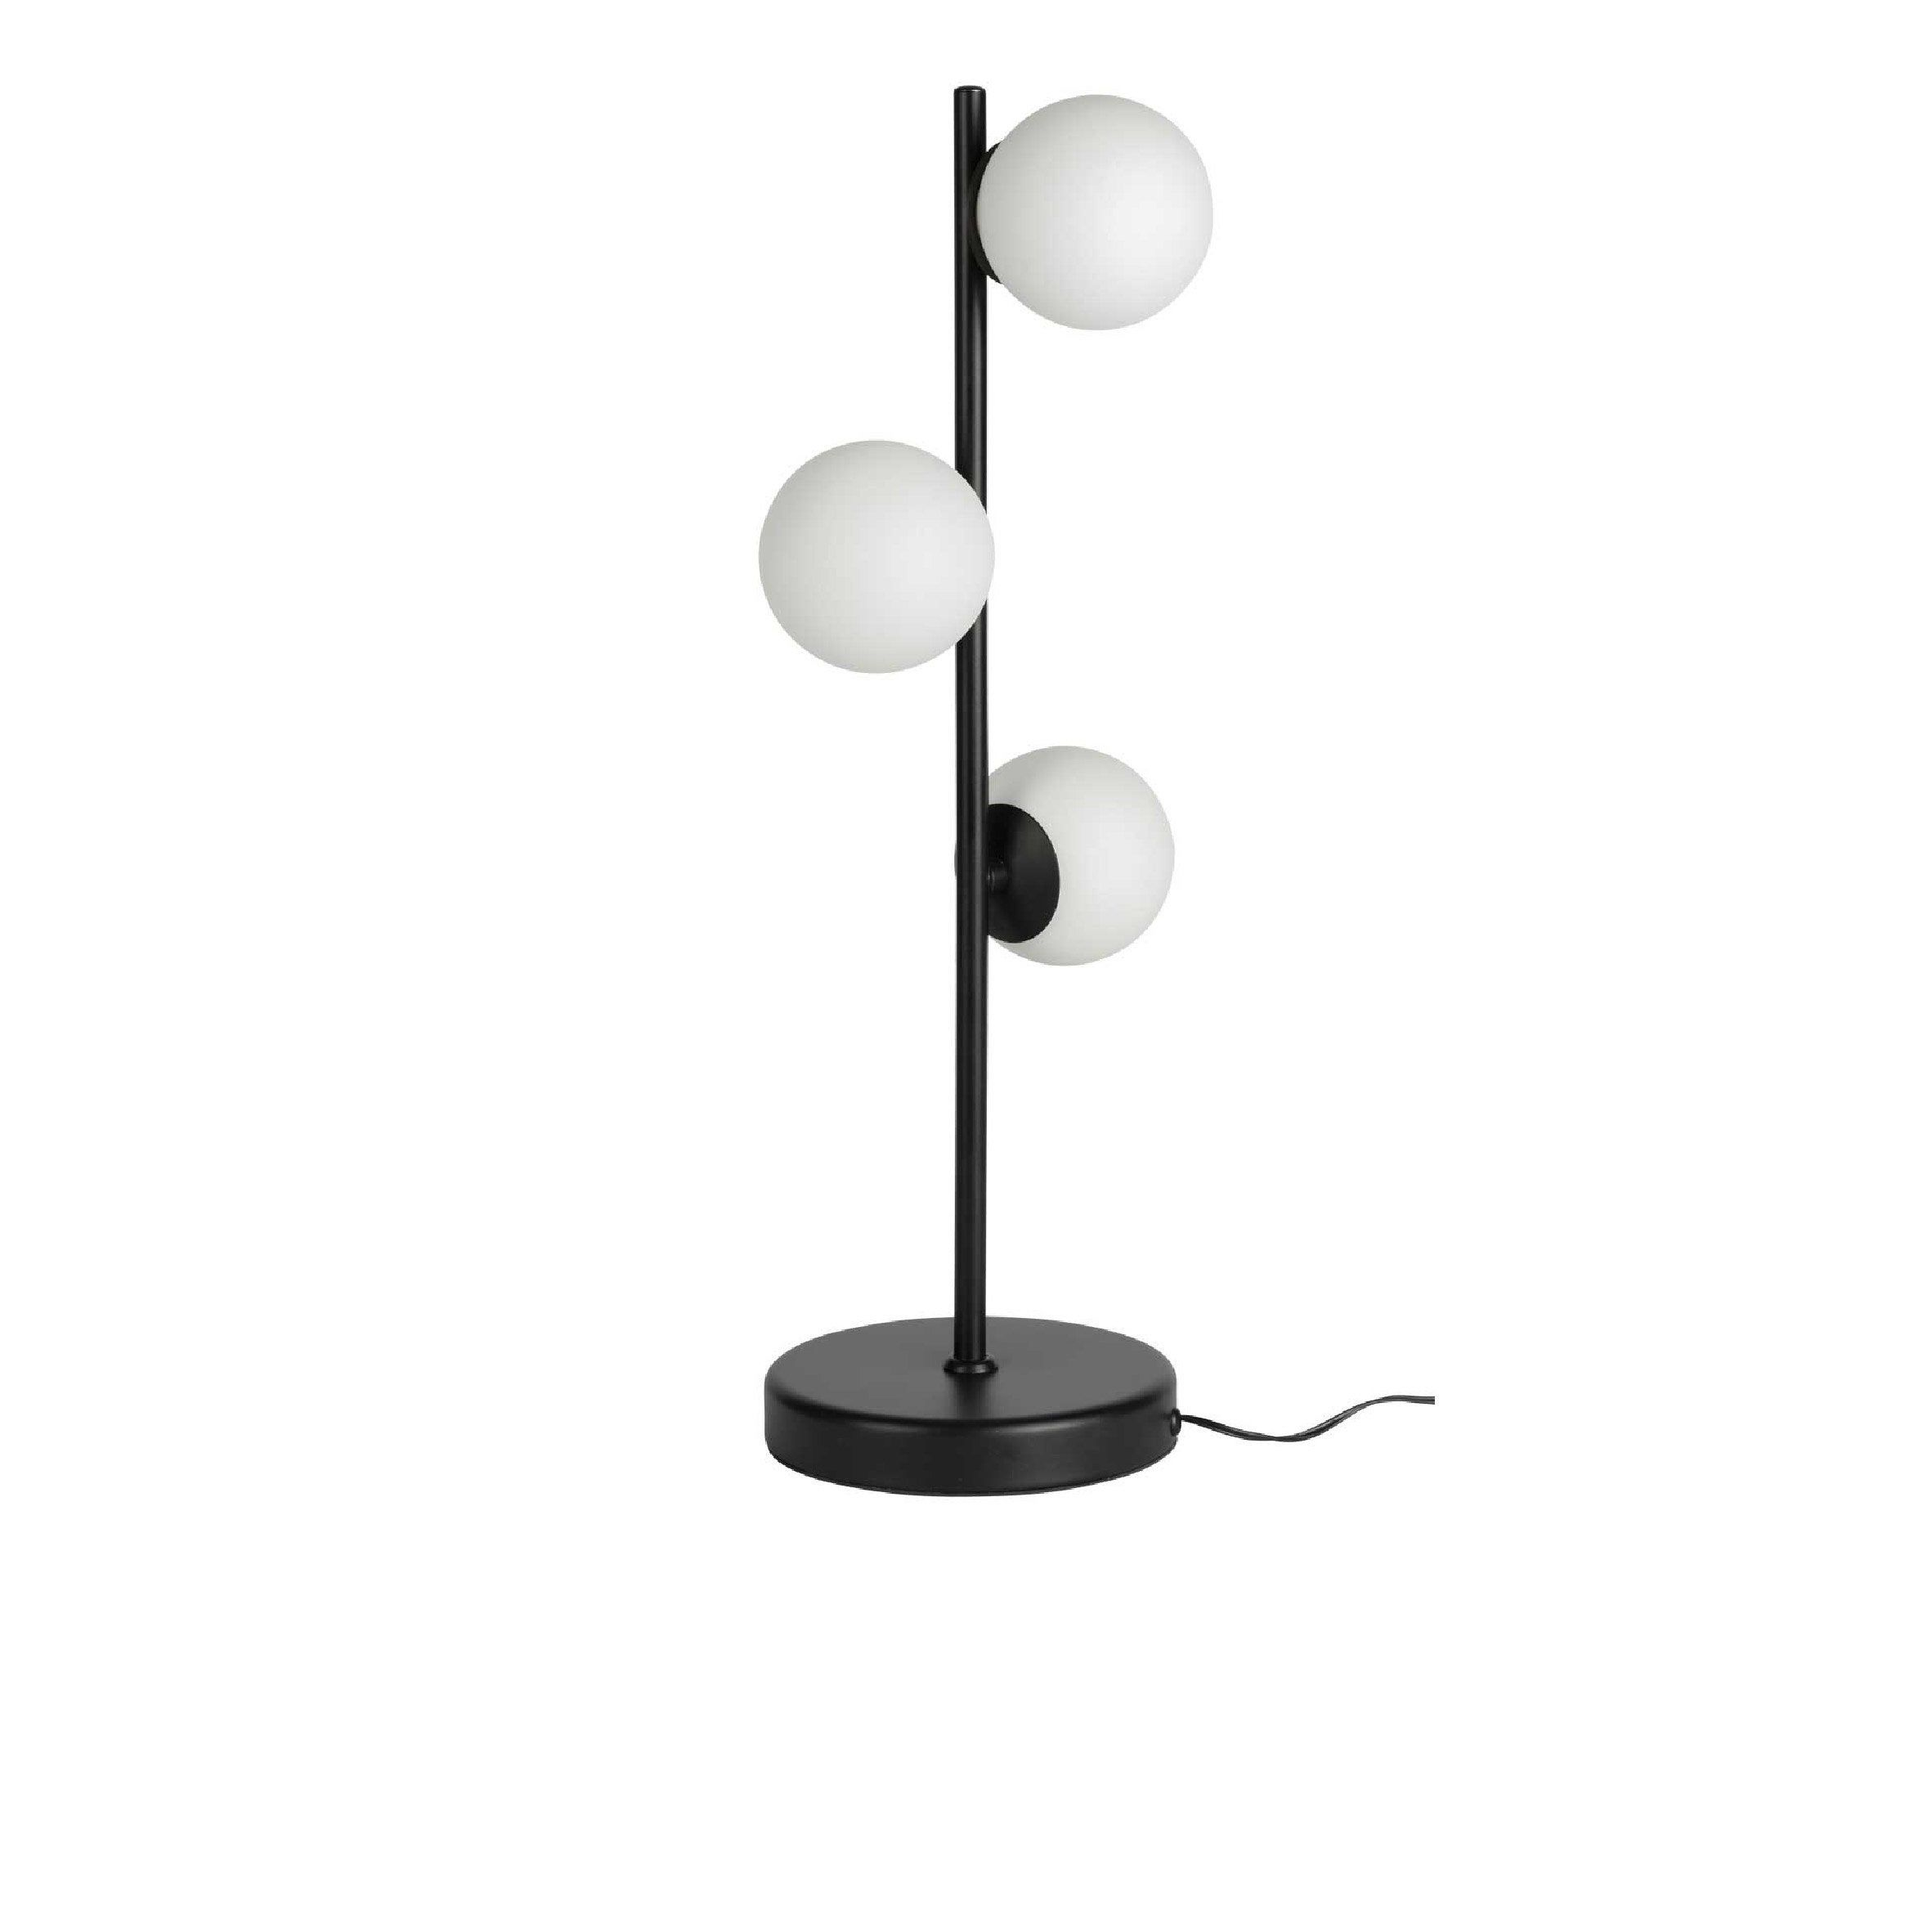 Lampe Design Metal Noir Quincy Design Metal Noir Et Metal